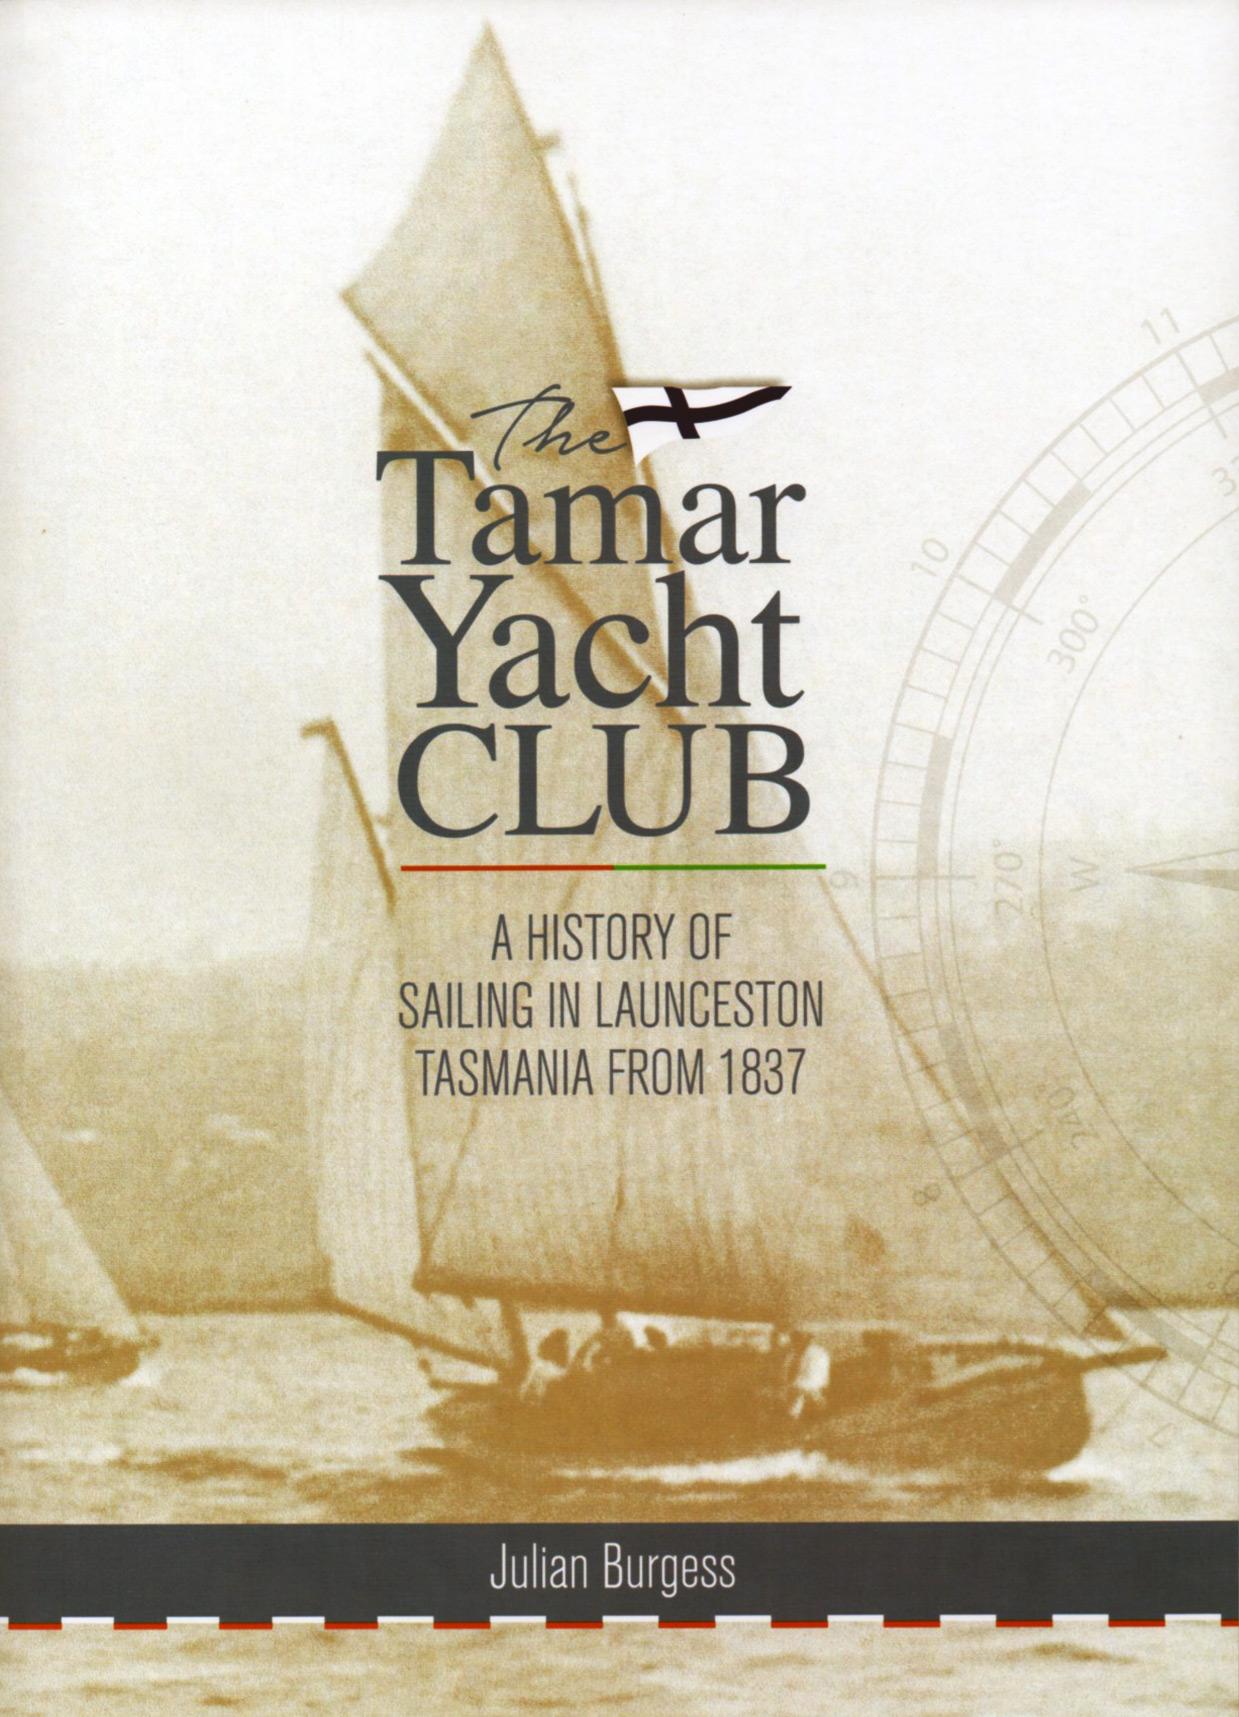 Tamar Yacht Club